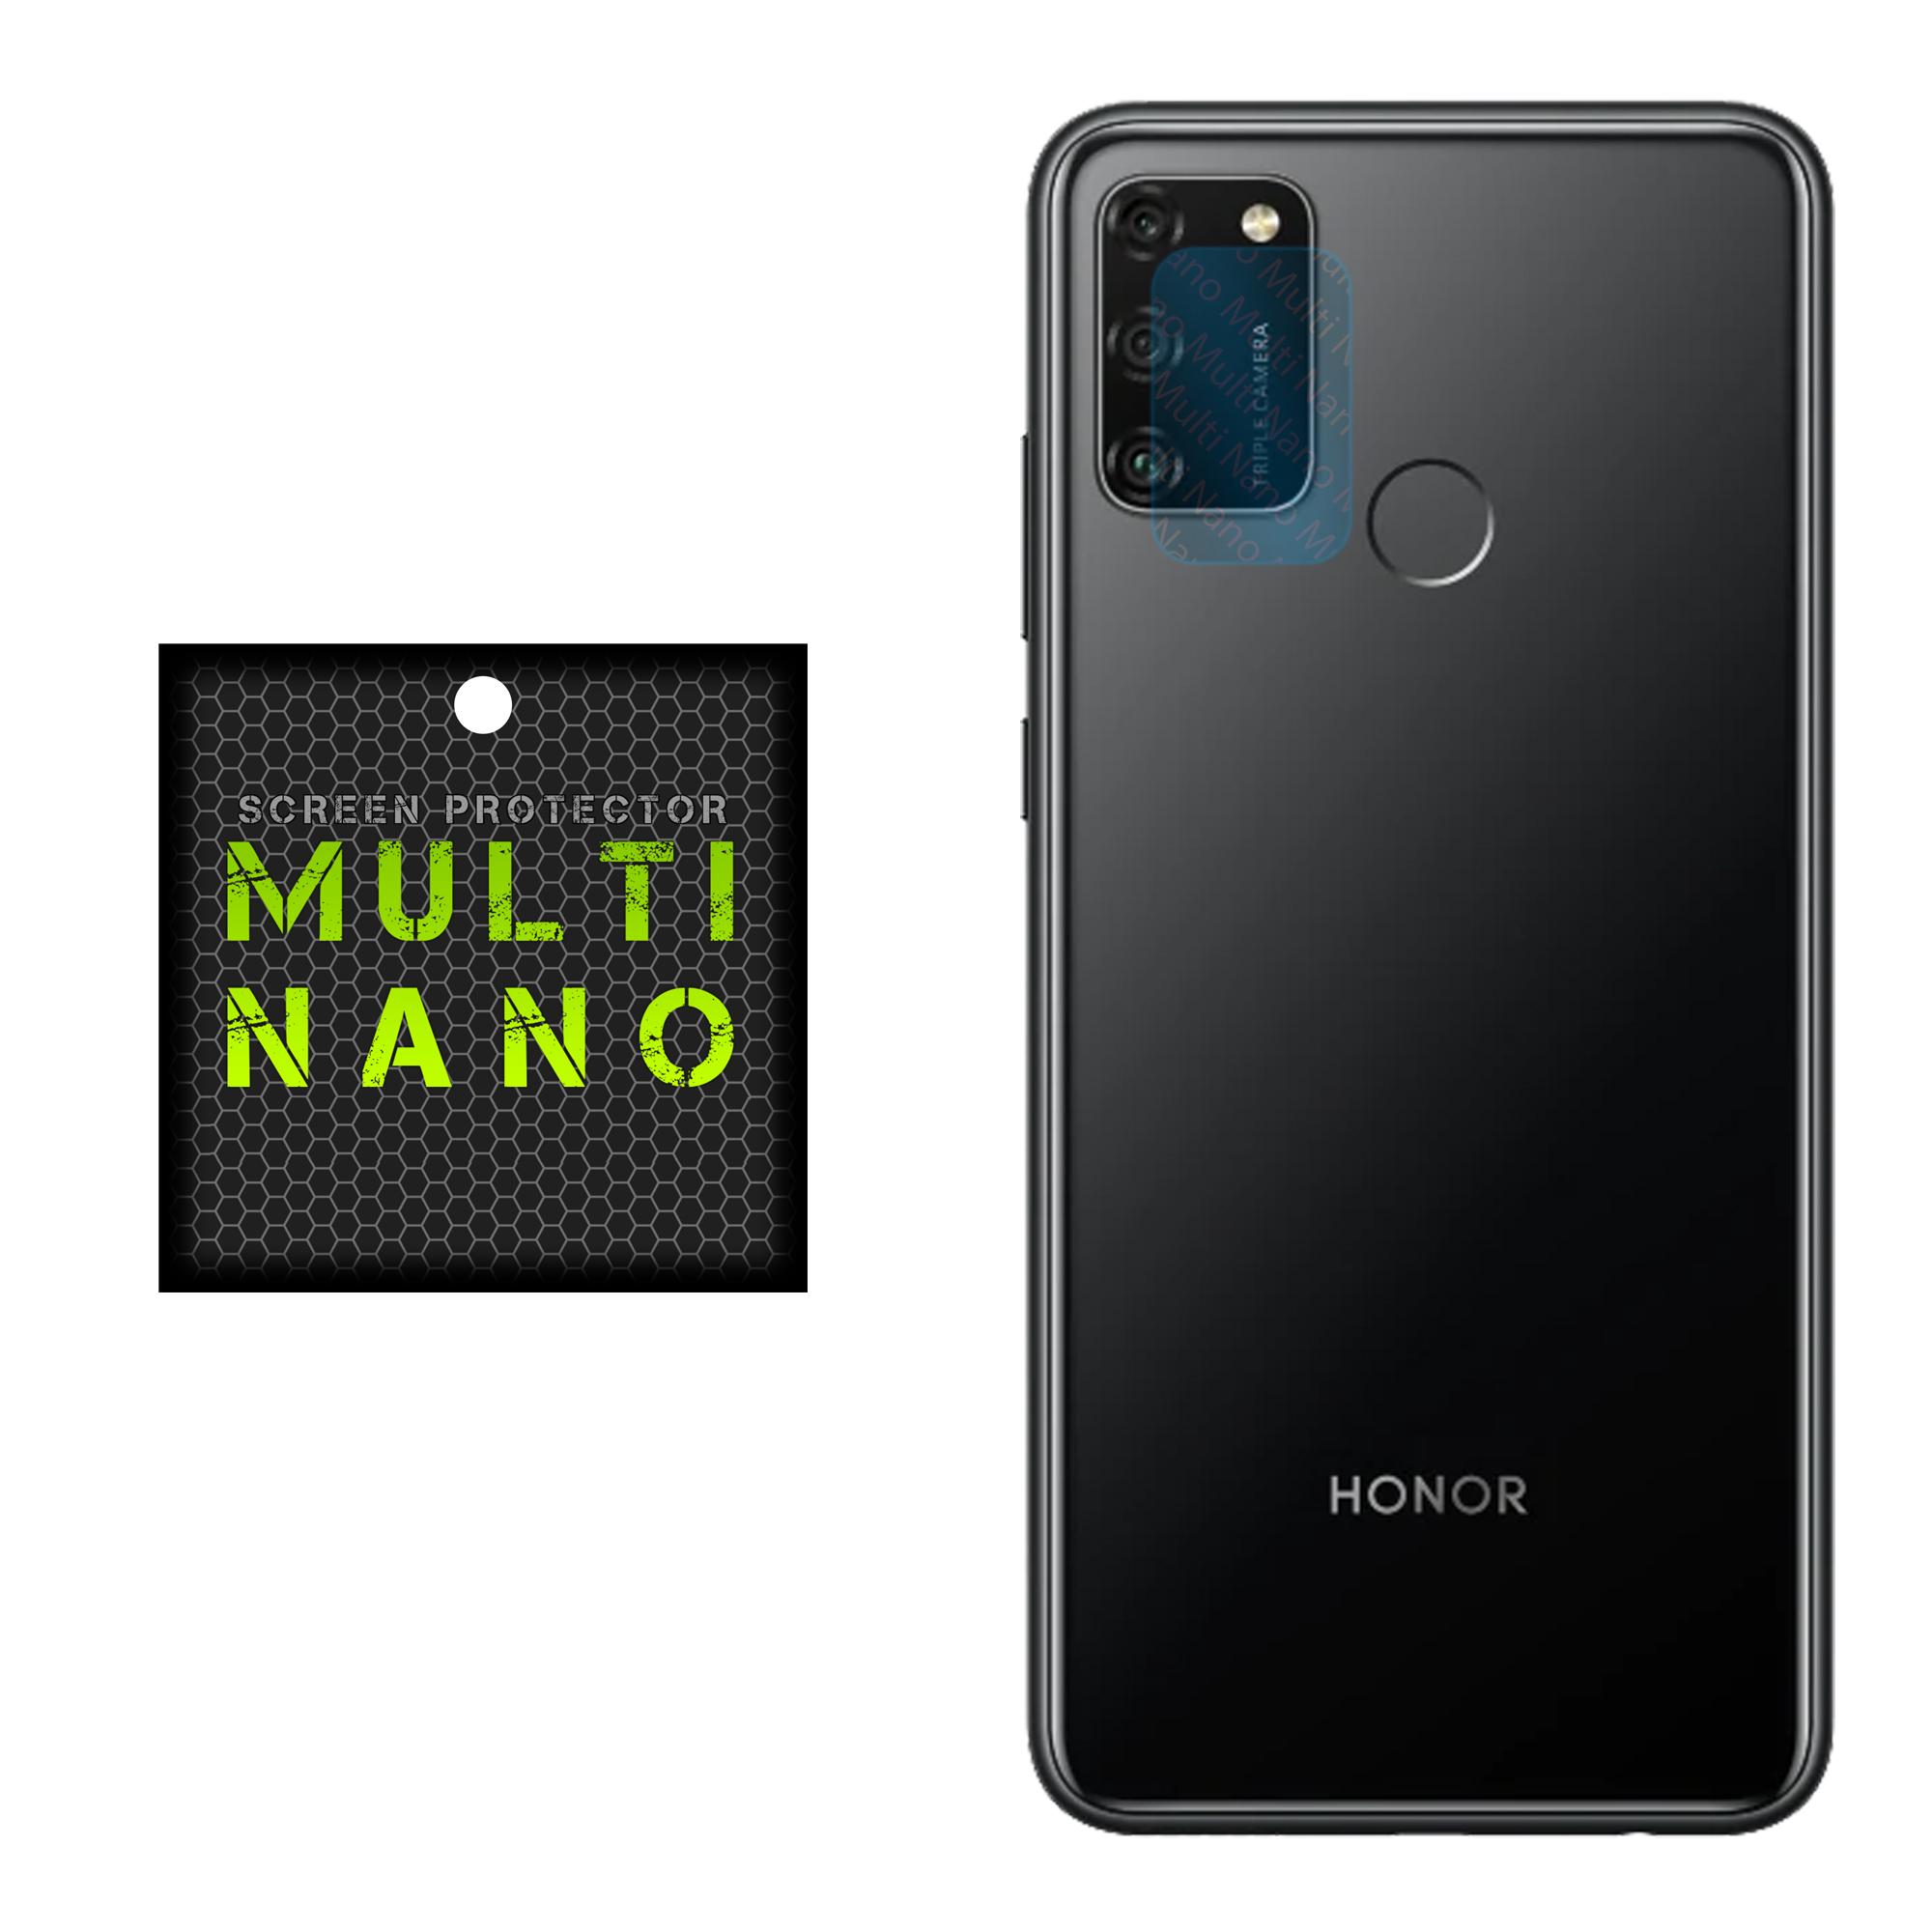 محافظ لنز دوربین مولتی نانو مدل Pro مناسب برای گوشی موبایل آنر 9A